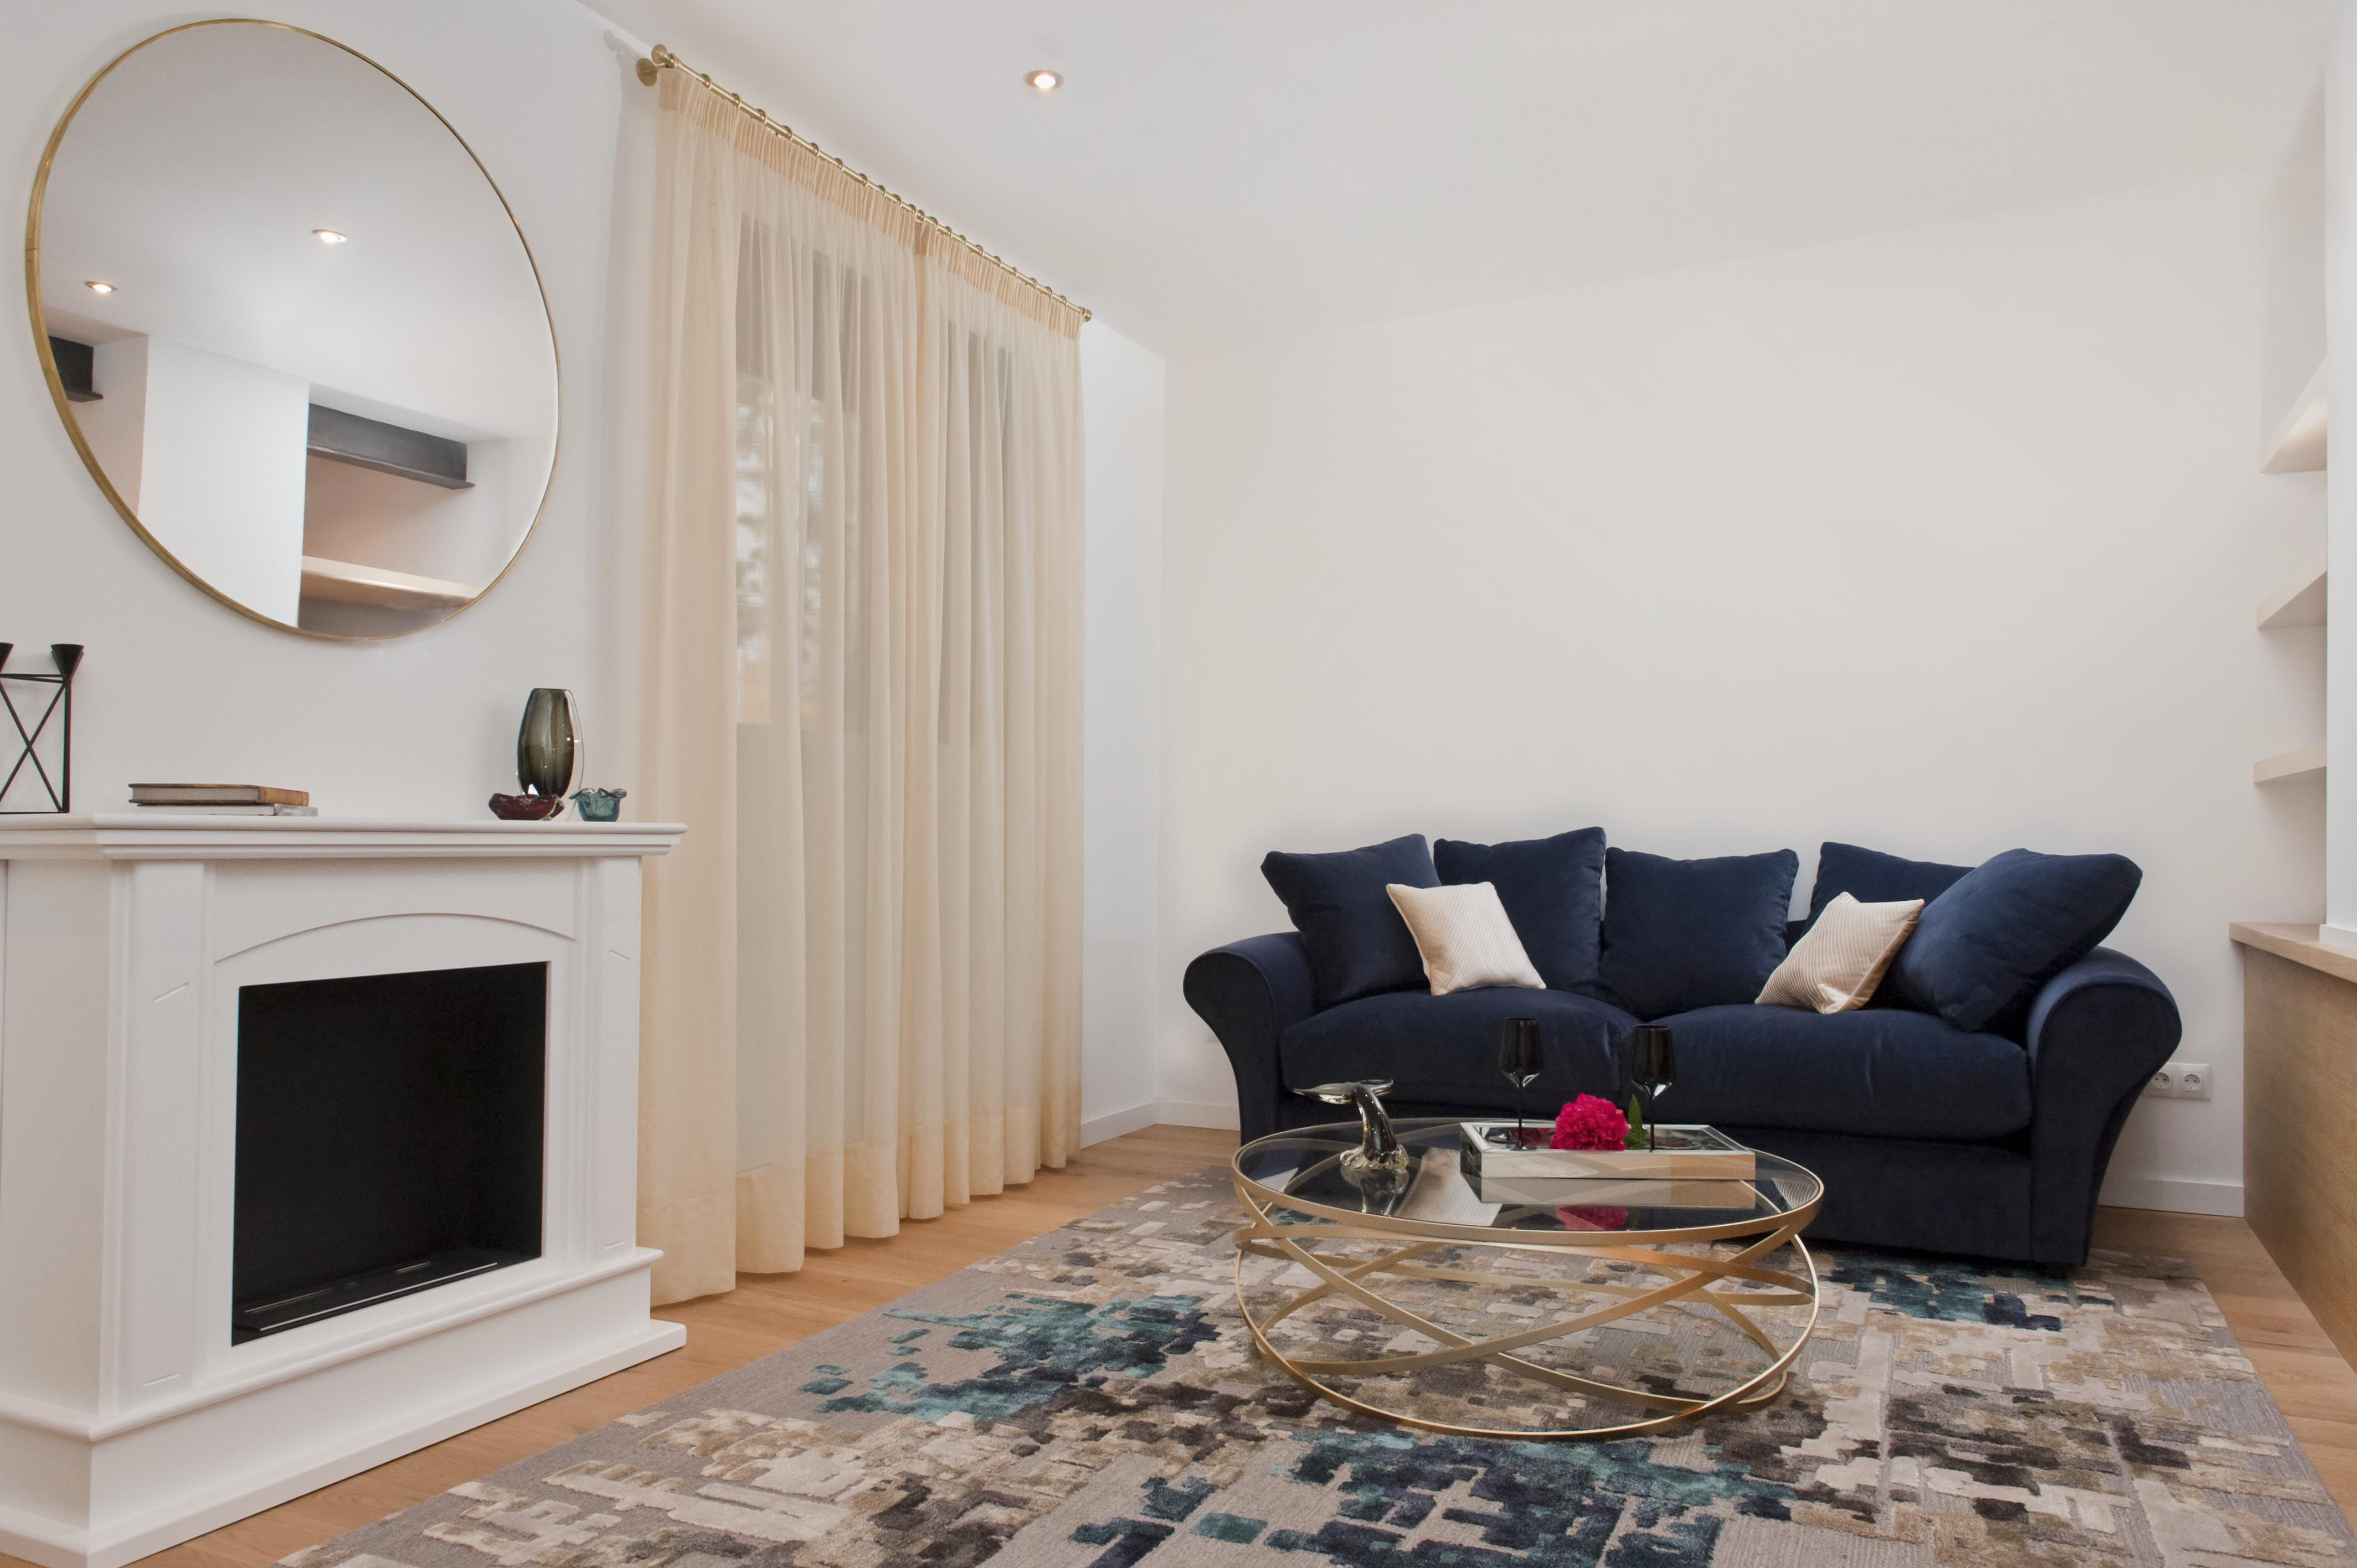 12 claves para aplicar la decoraci n emocional en el hogar for Decoracion moderna contemporanea del hogar